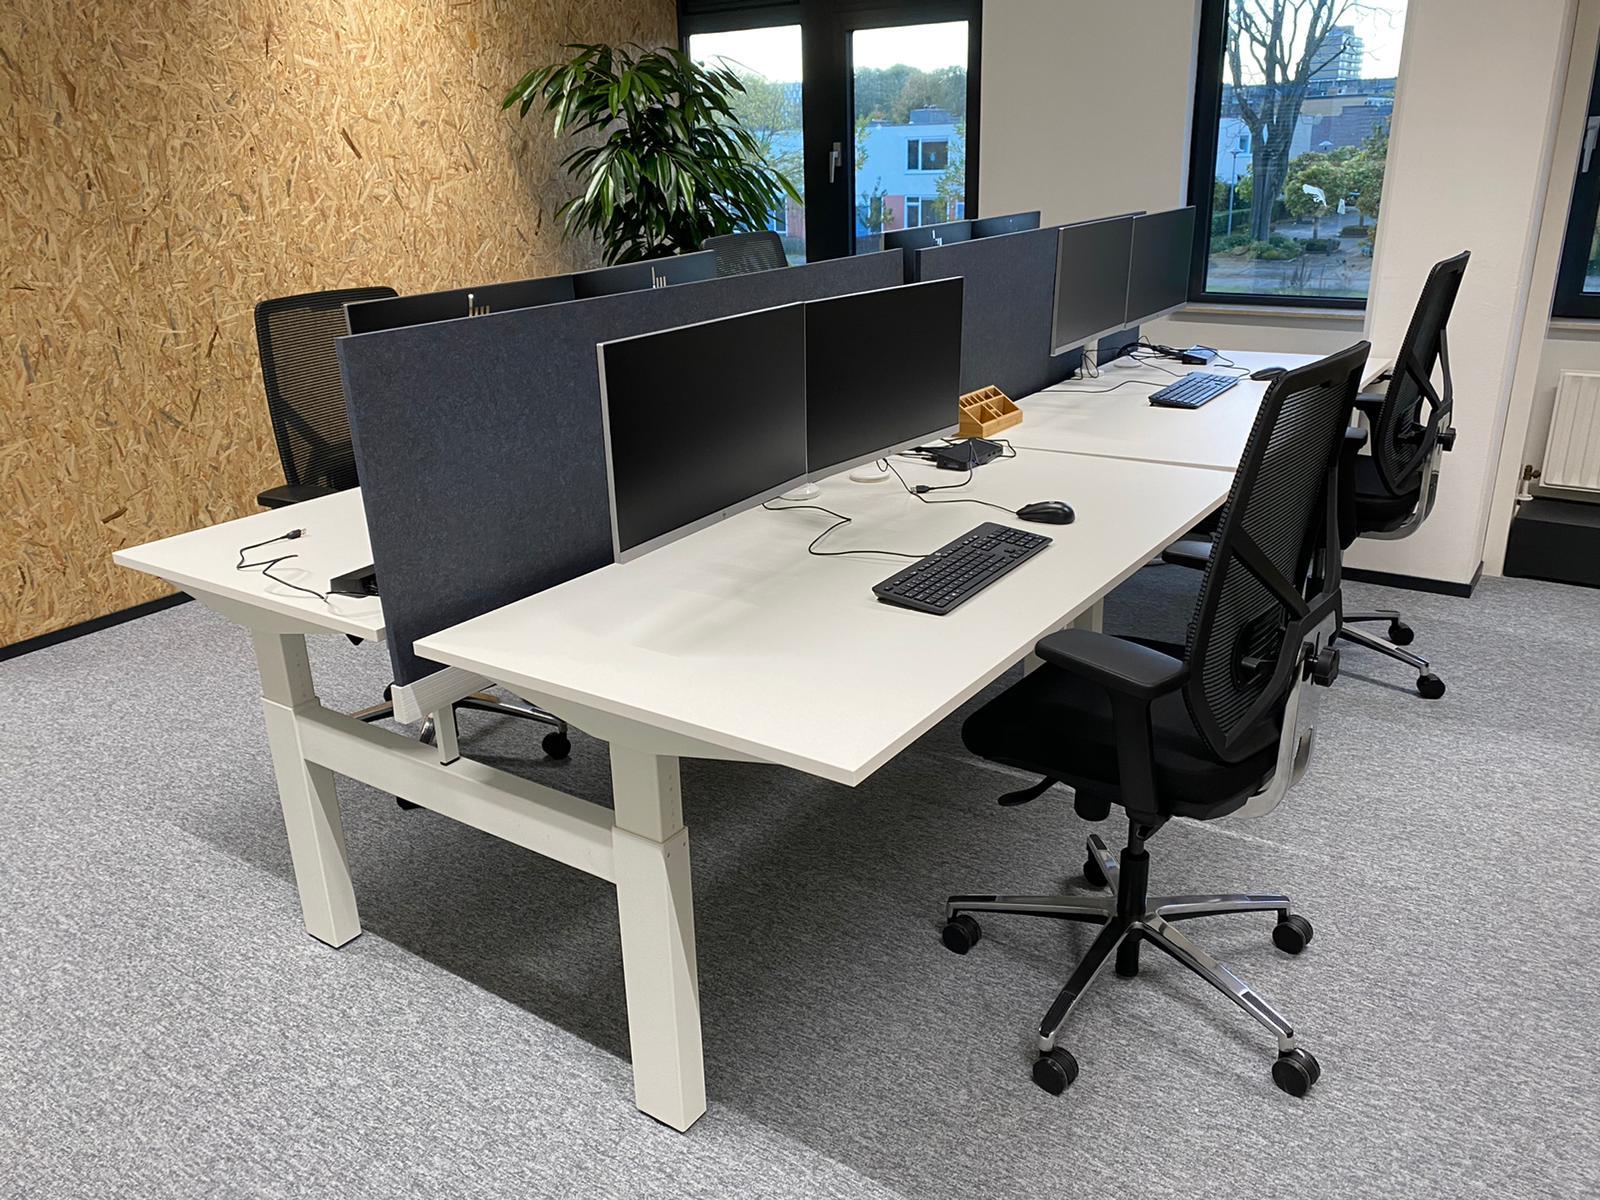 kantoorinrichting - akoestische panelen - kabelmanagement - akoestische elementen - monitor stand 2 monitoren